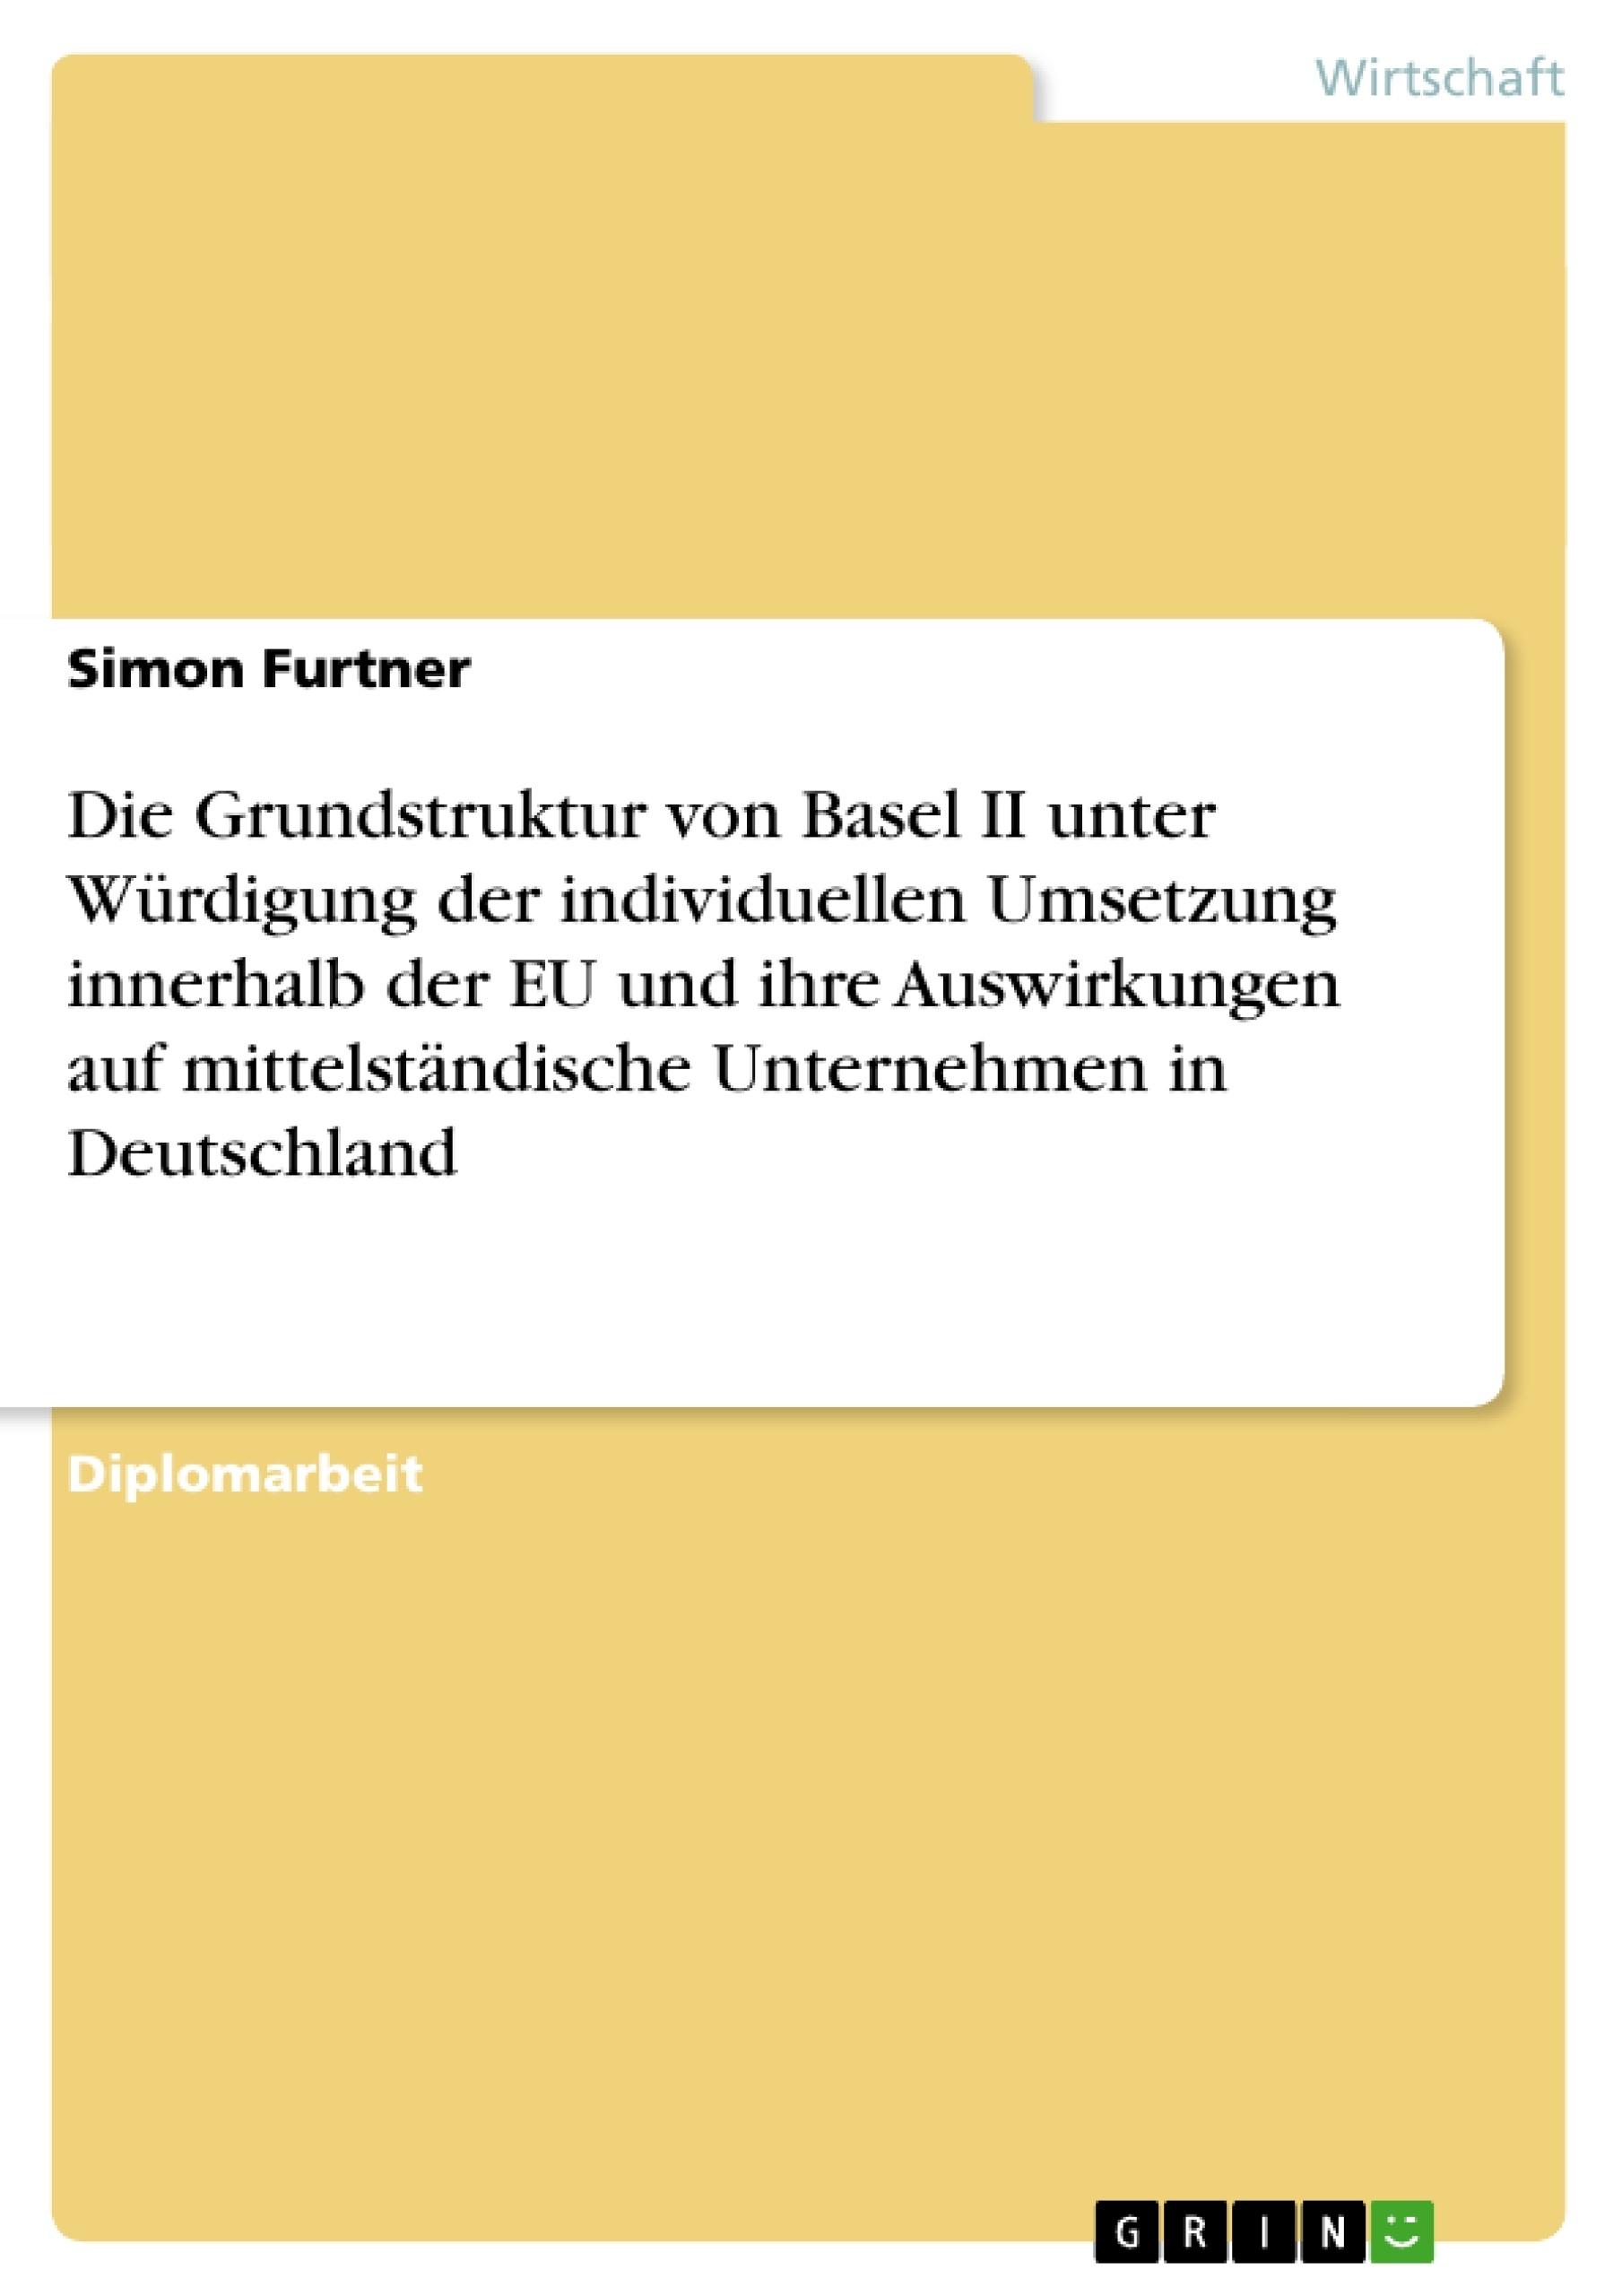 Titel: Die Grundstruktur von Basel II unter Würdigung der individuellen Umsetzung innerhalb der EU und ihre Auswirkungen auf mittelständische Unternehmen in Deutschland